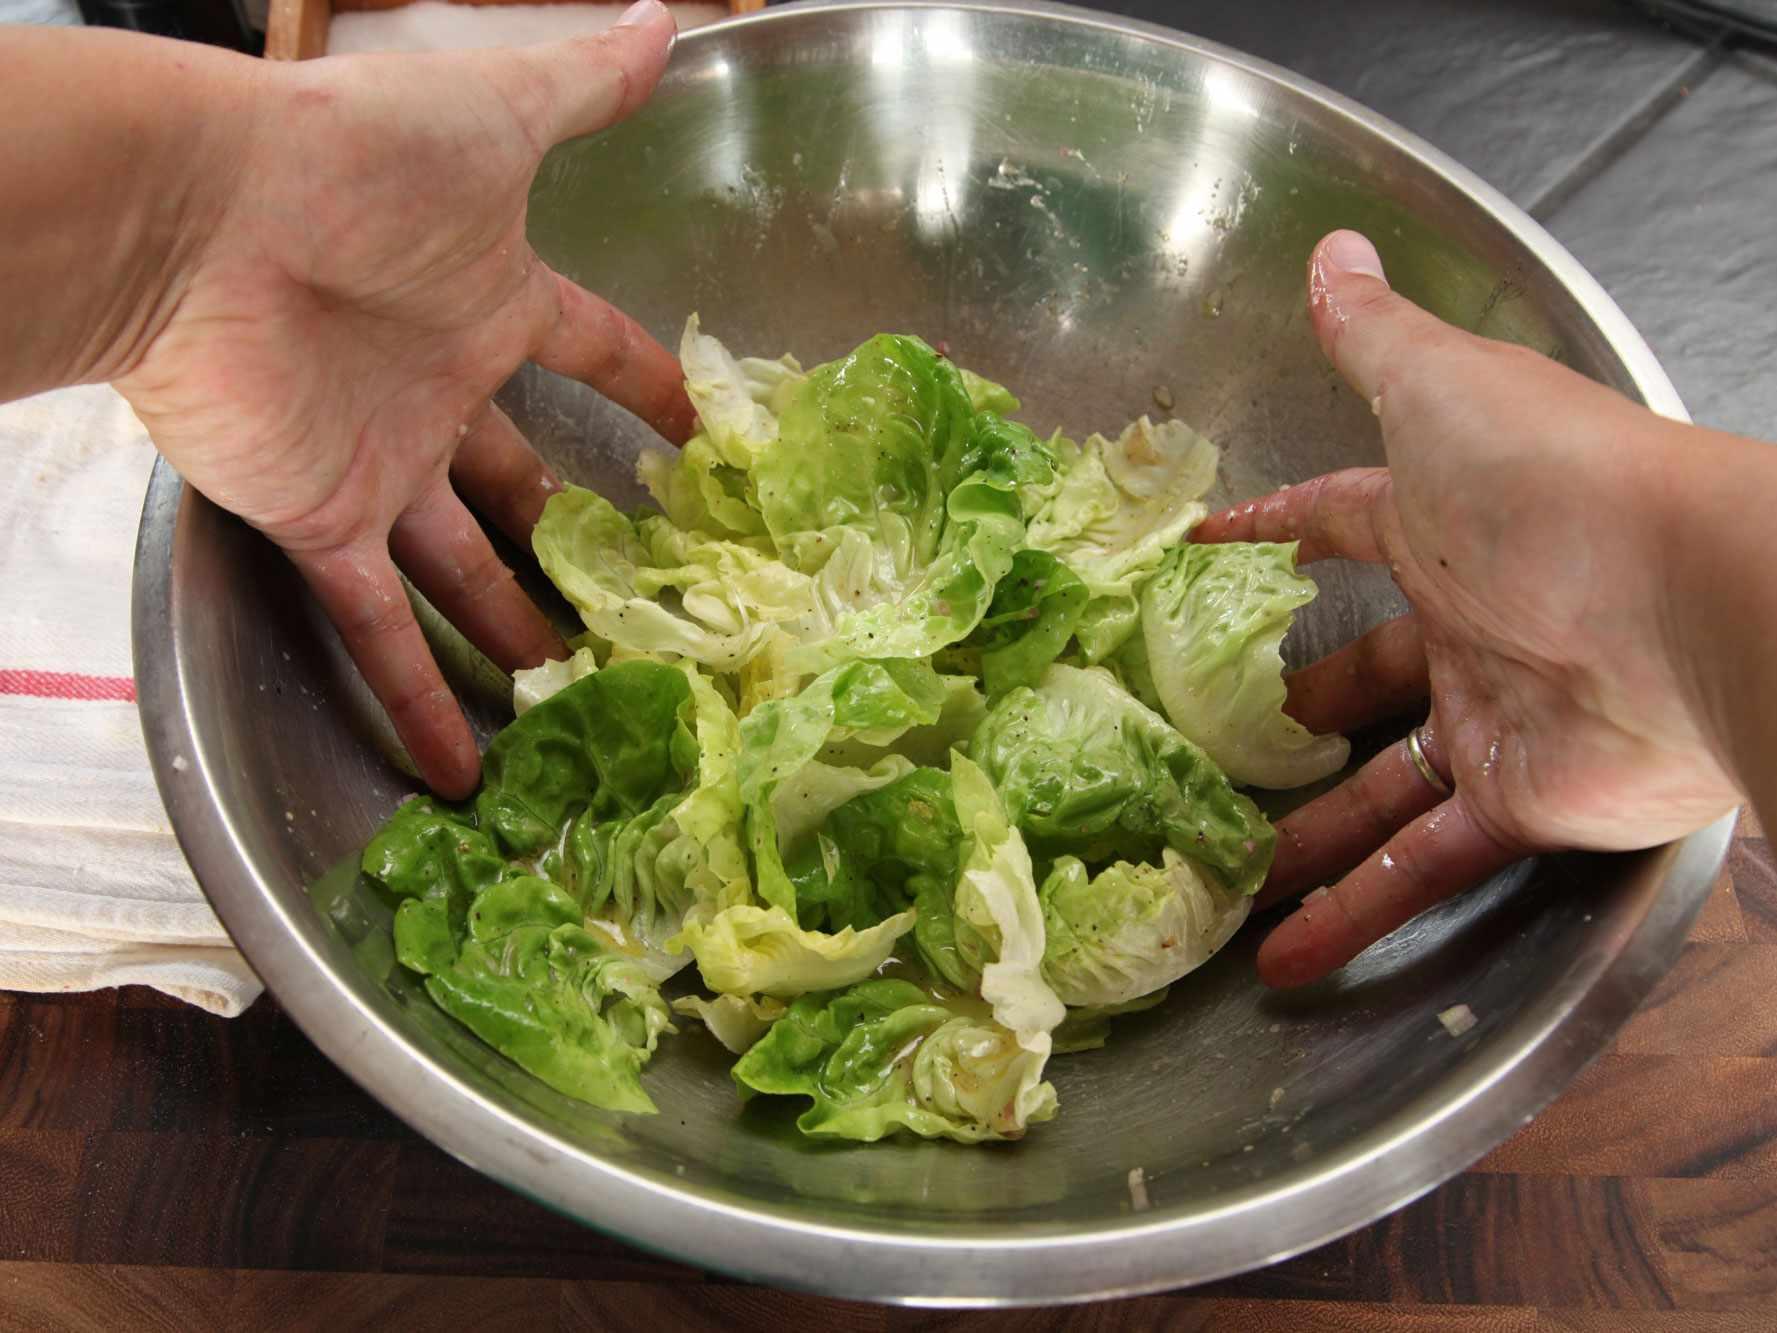 20140930-how-to-dress-a-salad-vinaigrette-15.jpg